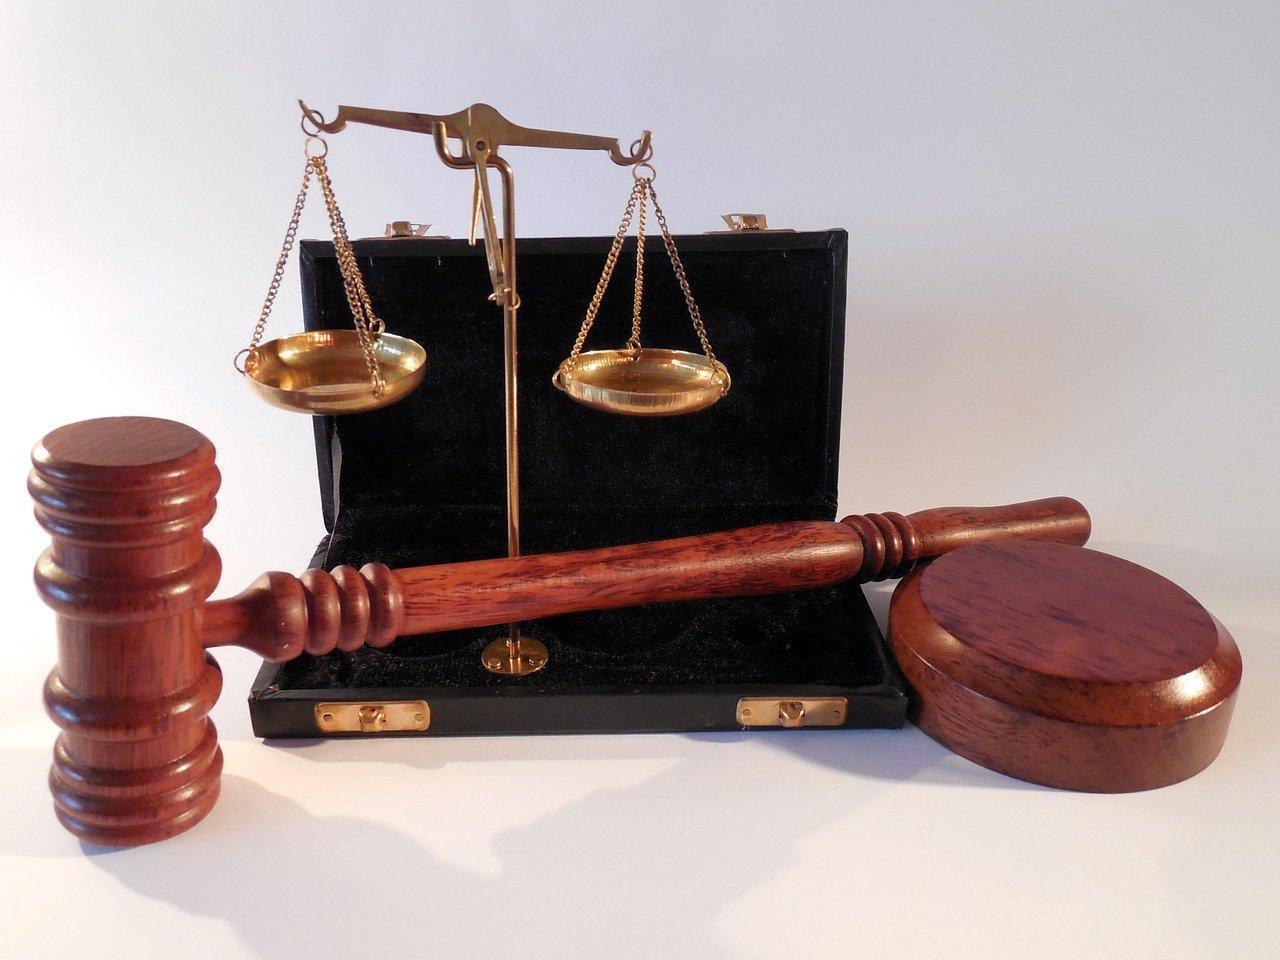 Суд вынес приговор обвиняемым в разбойном нападении на семью бывшего вице-губернатора Кубани Ахеджака